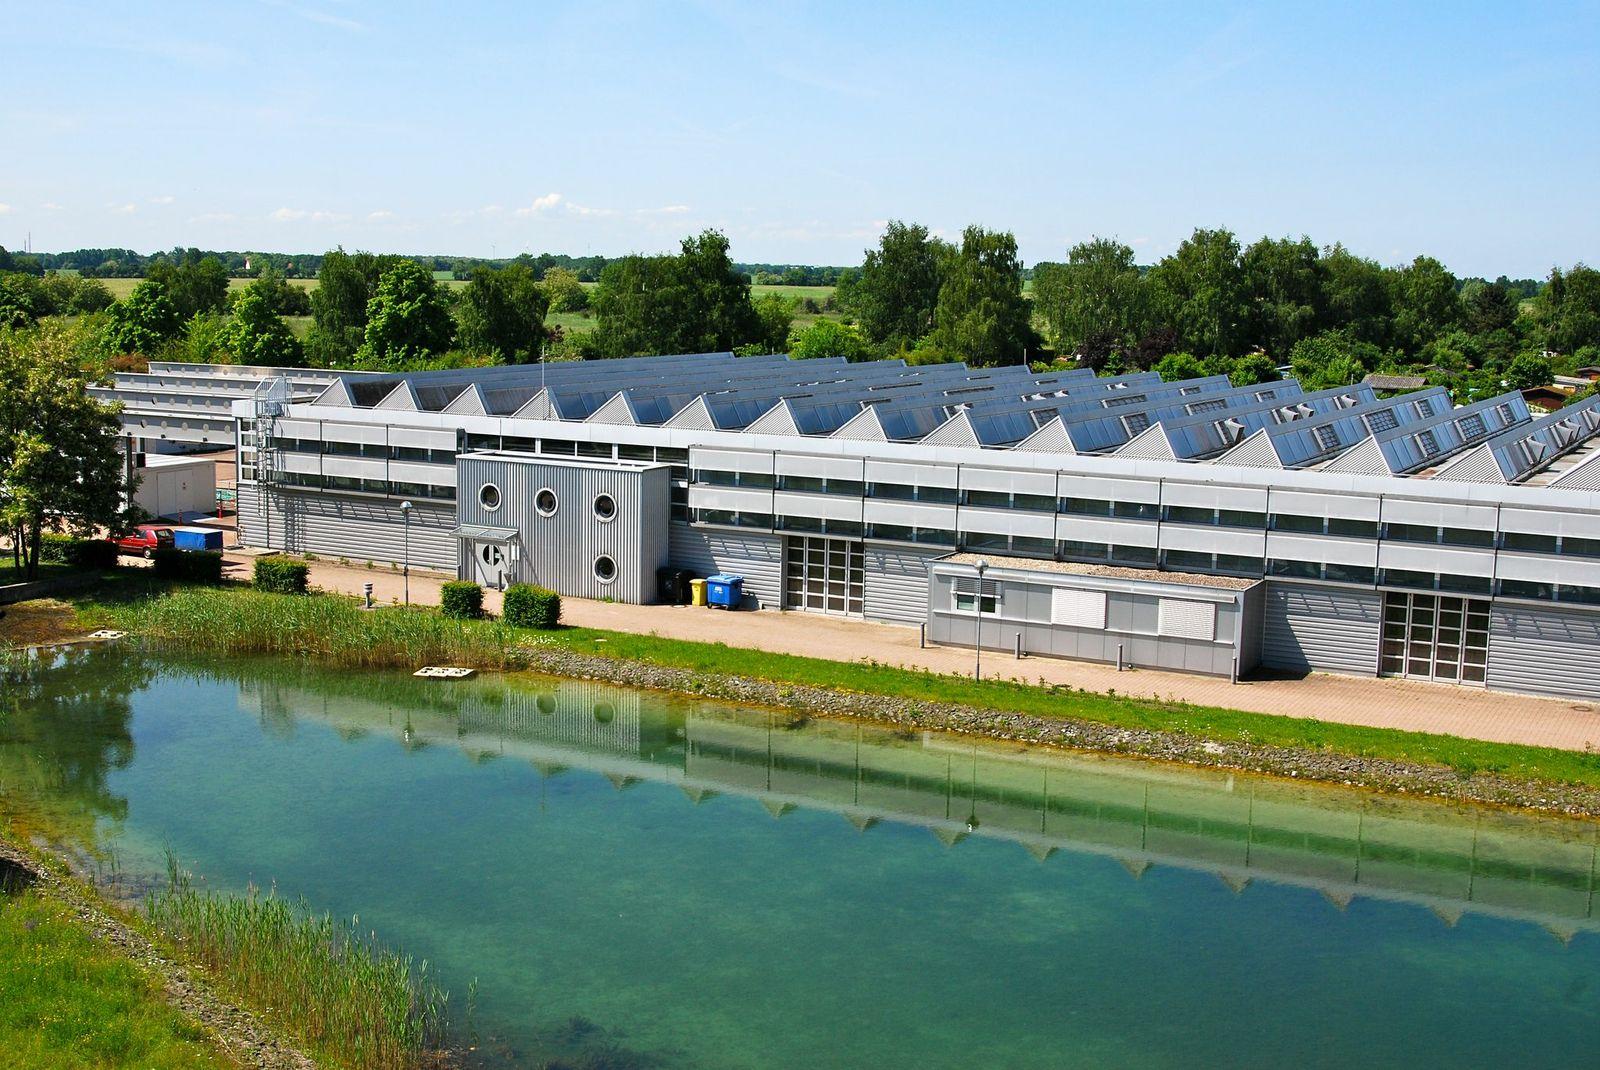 Moderne Halle mit Shed-Dach, davor ein großes rechteckiges Wasserbecken